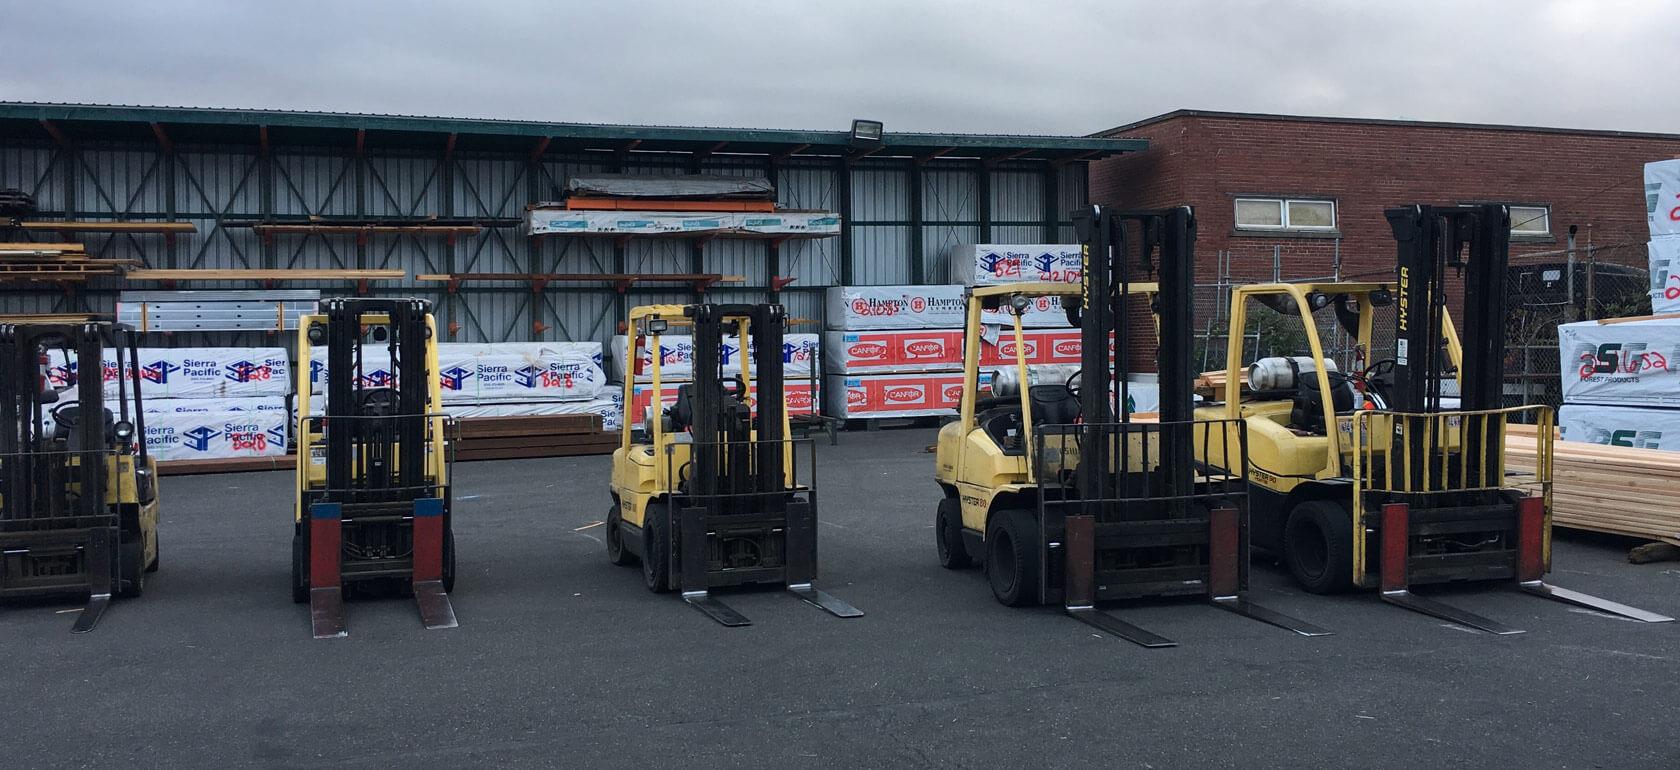 Compton Lumber & Hardware Forklifts